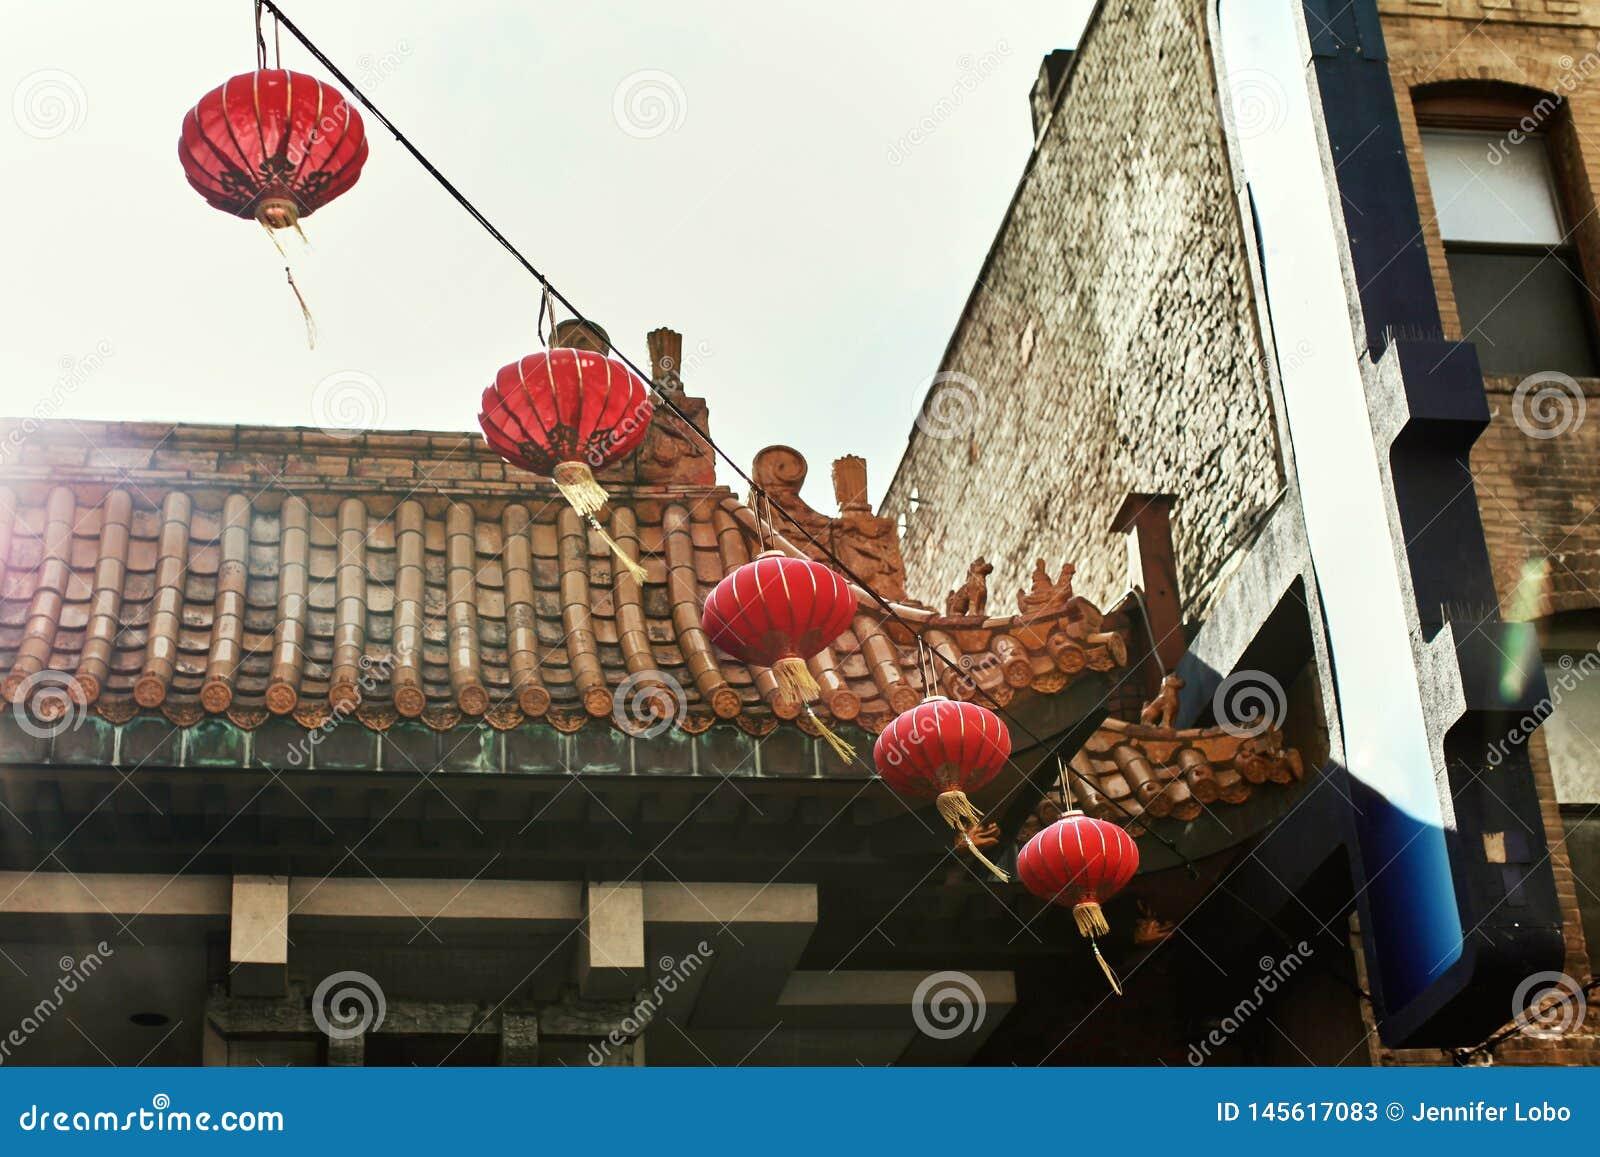 Bairro chinês colorido em San Francisco, Califórnia